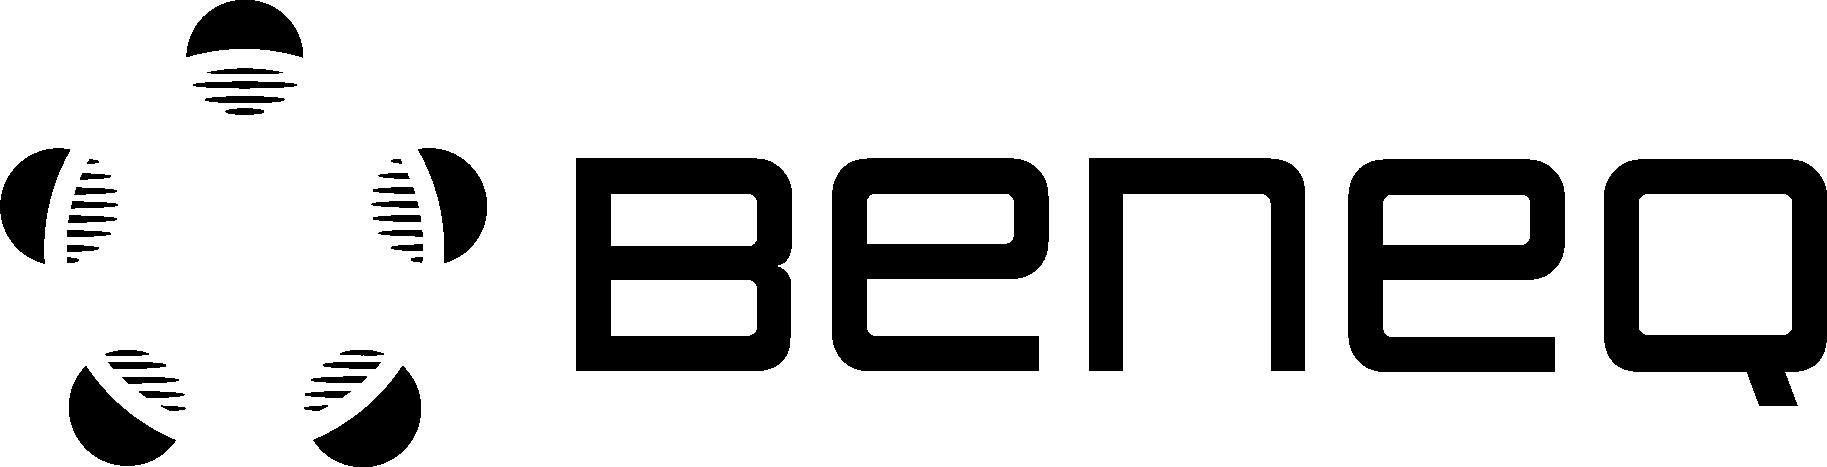 client_beneq_logo